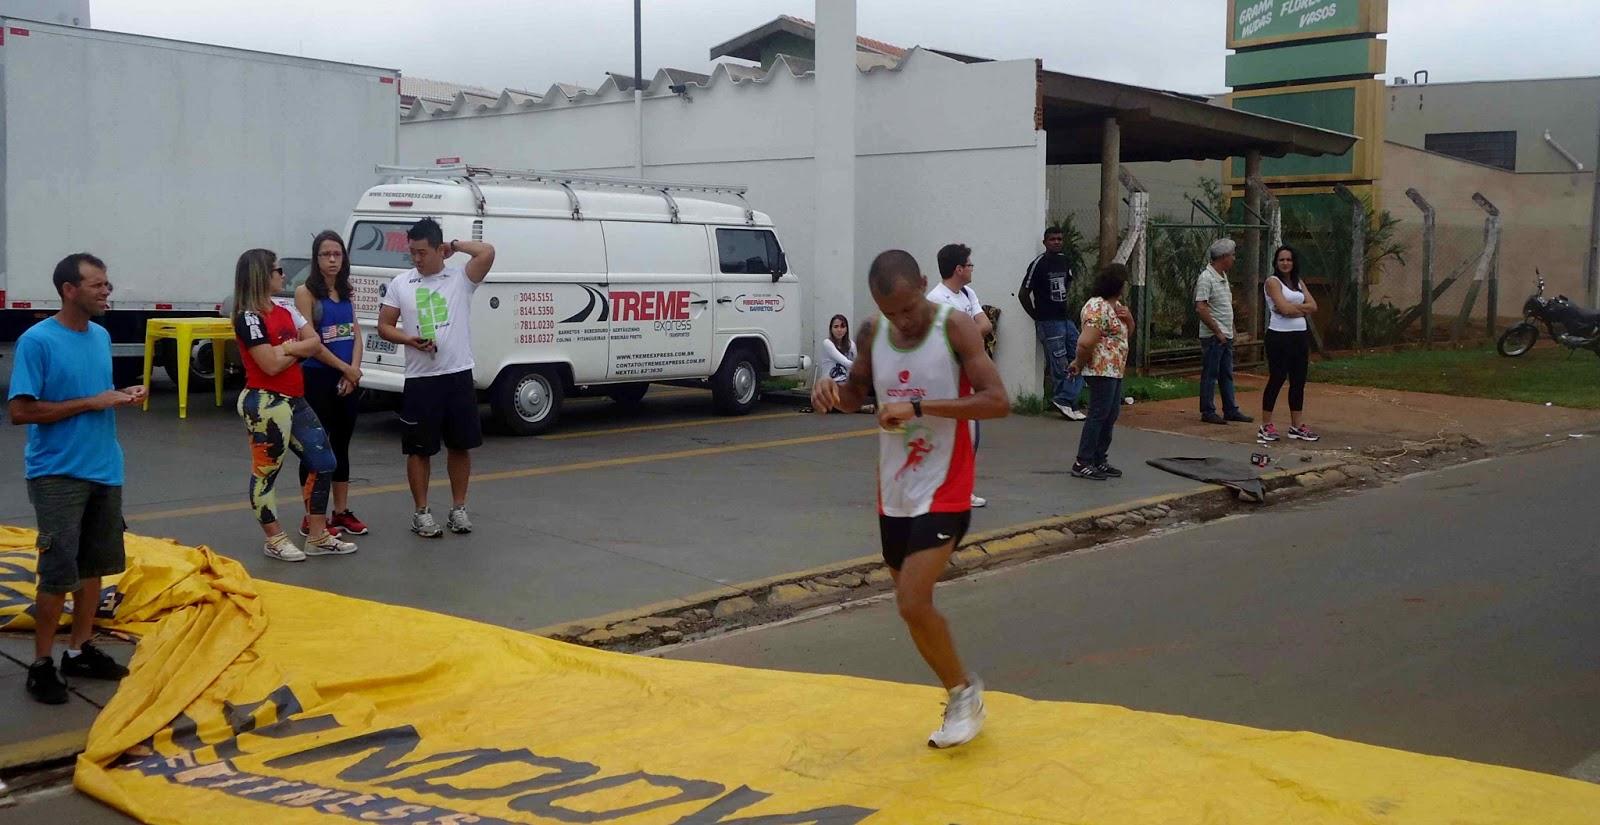 Foto 52 da 1ª Corrida Av. dos Coqueiros em Barretos-SP 14/04/2013 – Atletas cruzando a linha de chegada